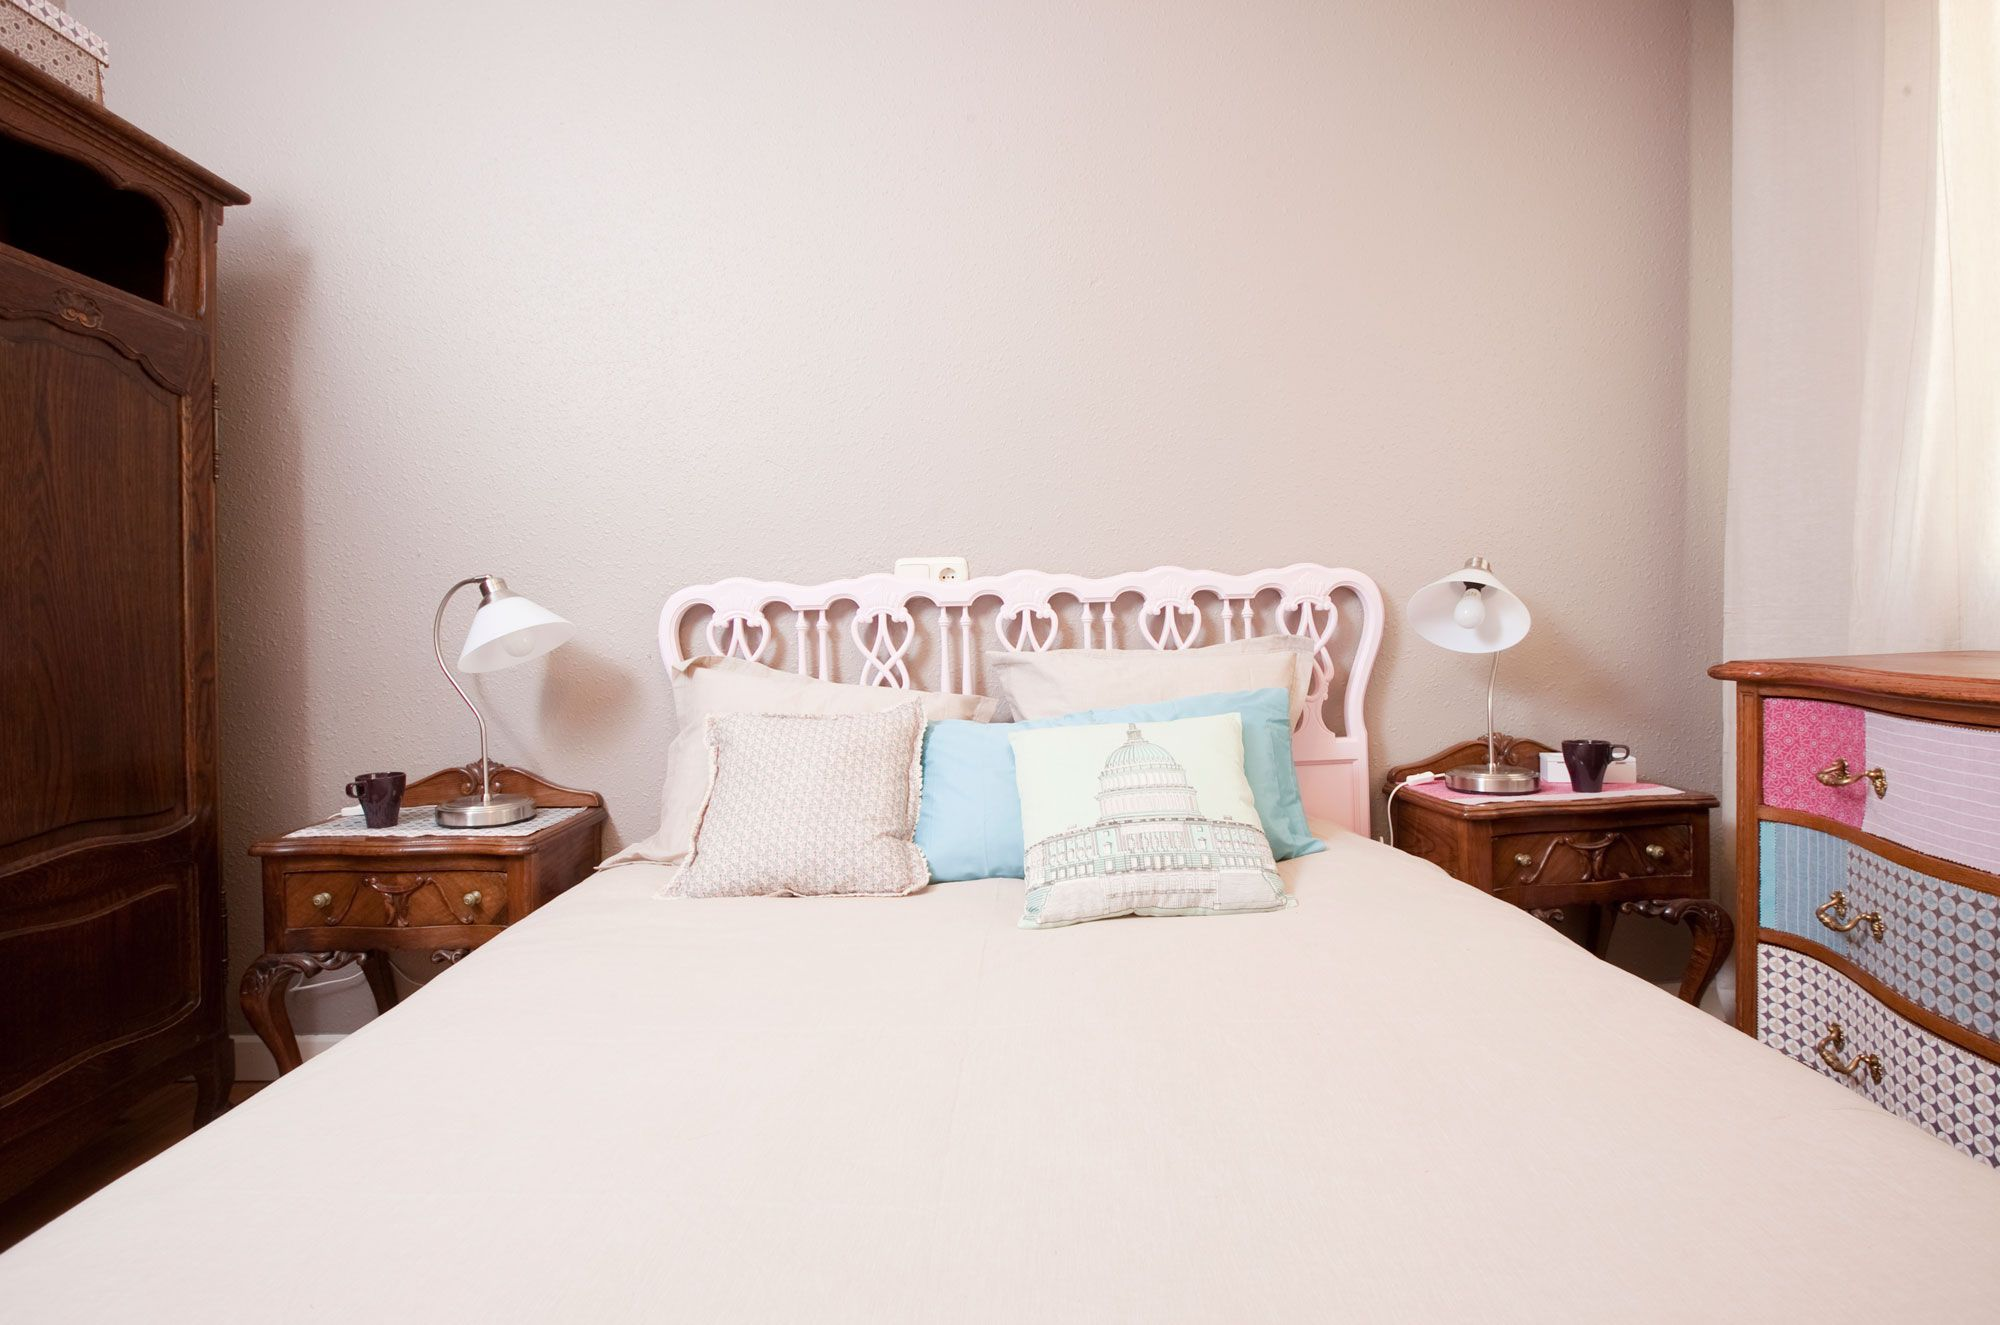 Dormitorio de estilo romantico